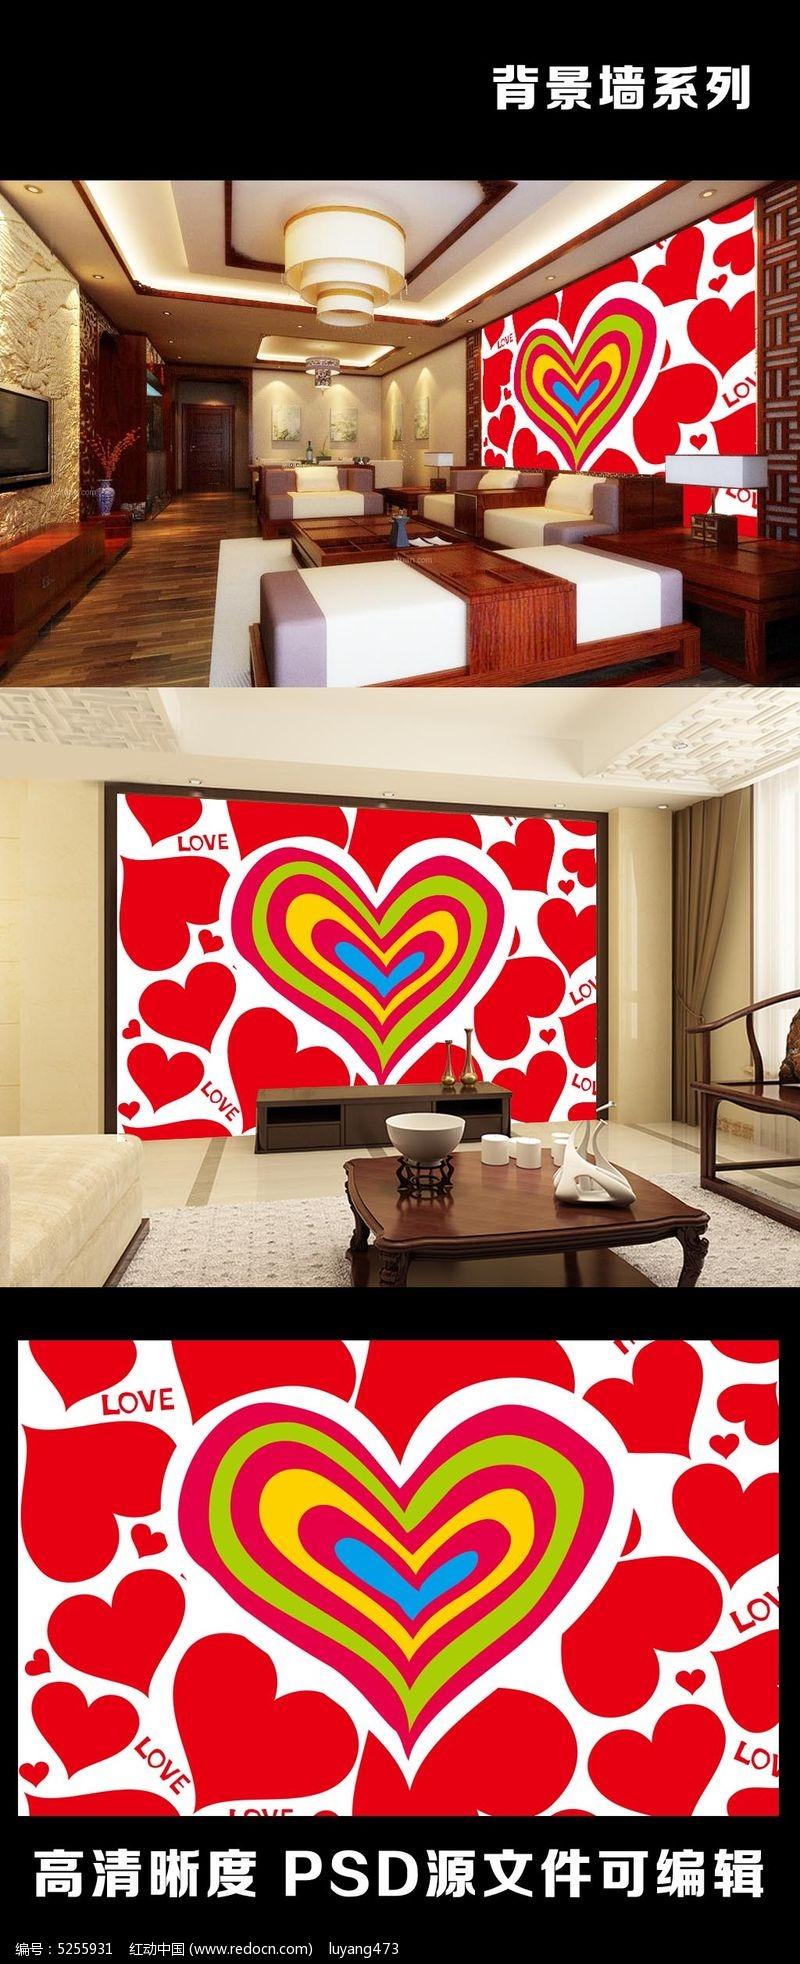 简易手绘爱心室内电视背景墙装饰画